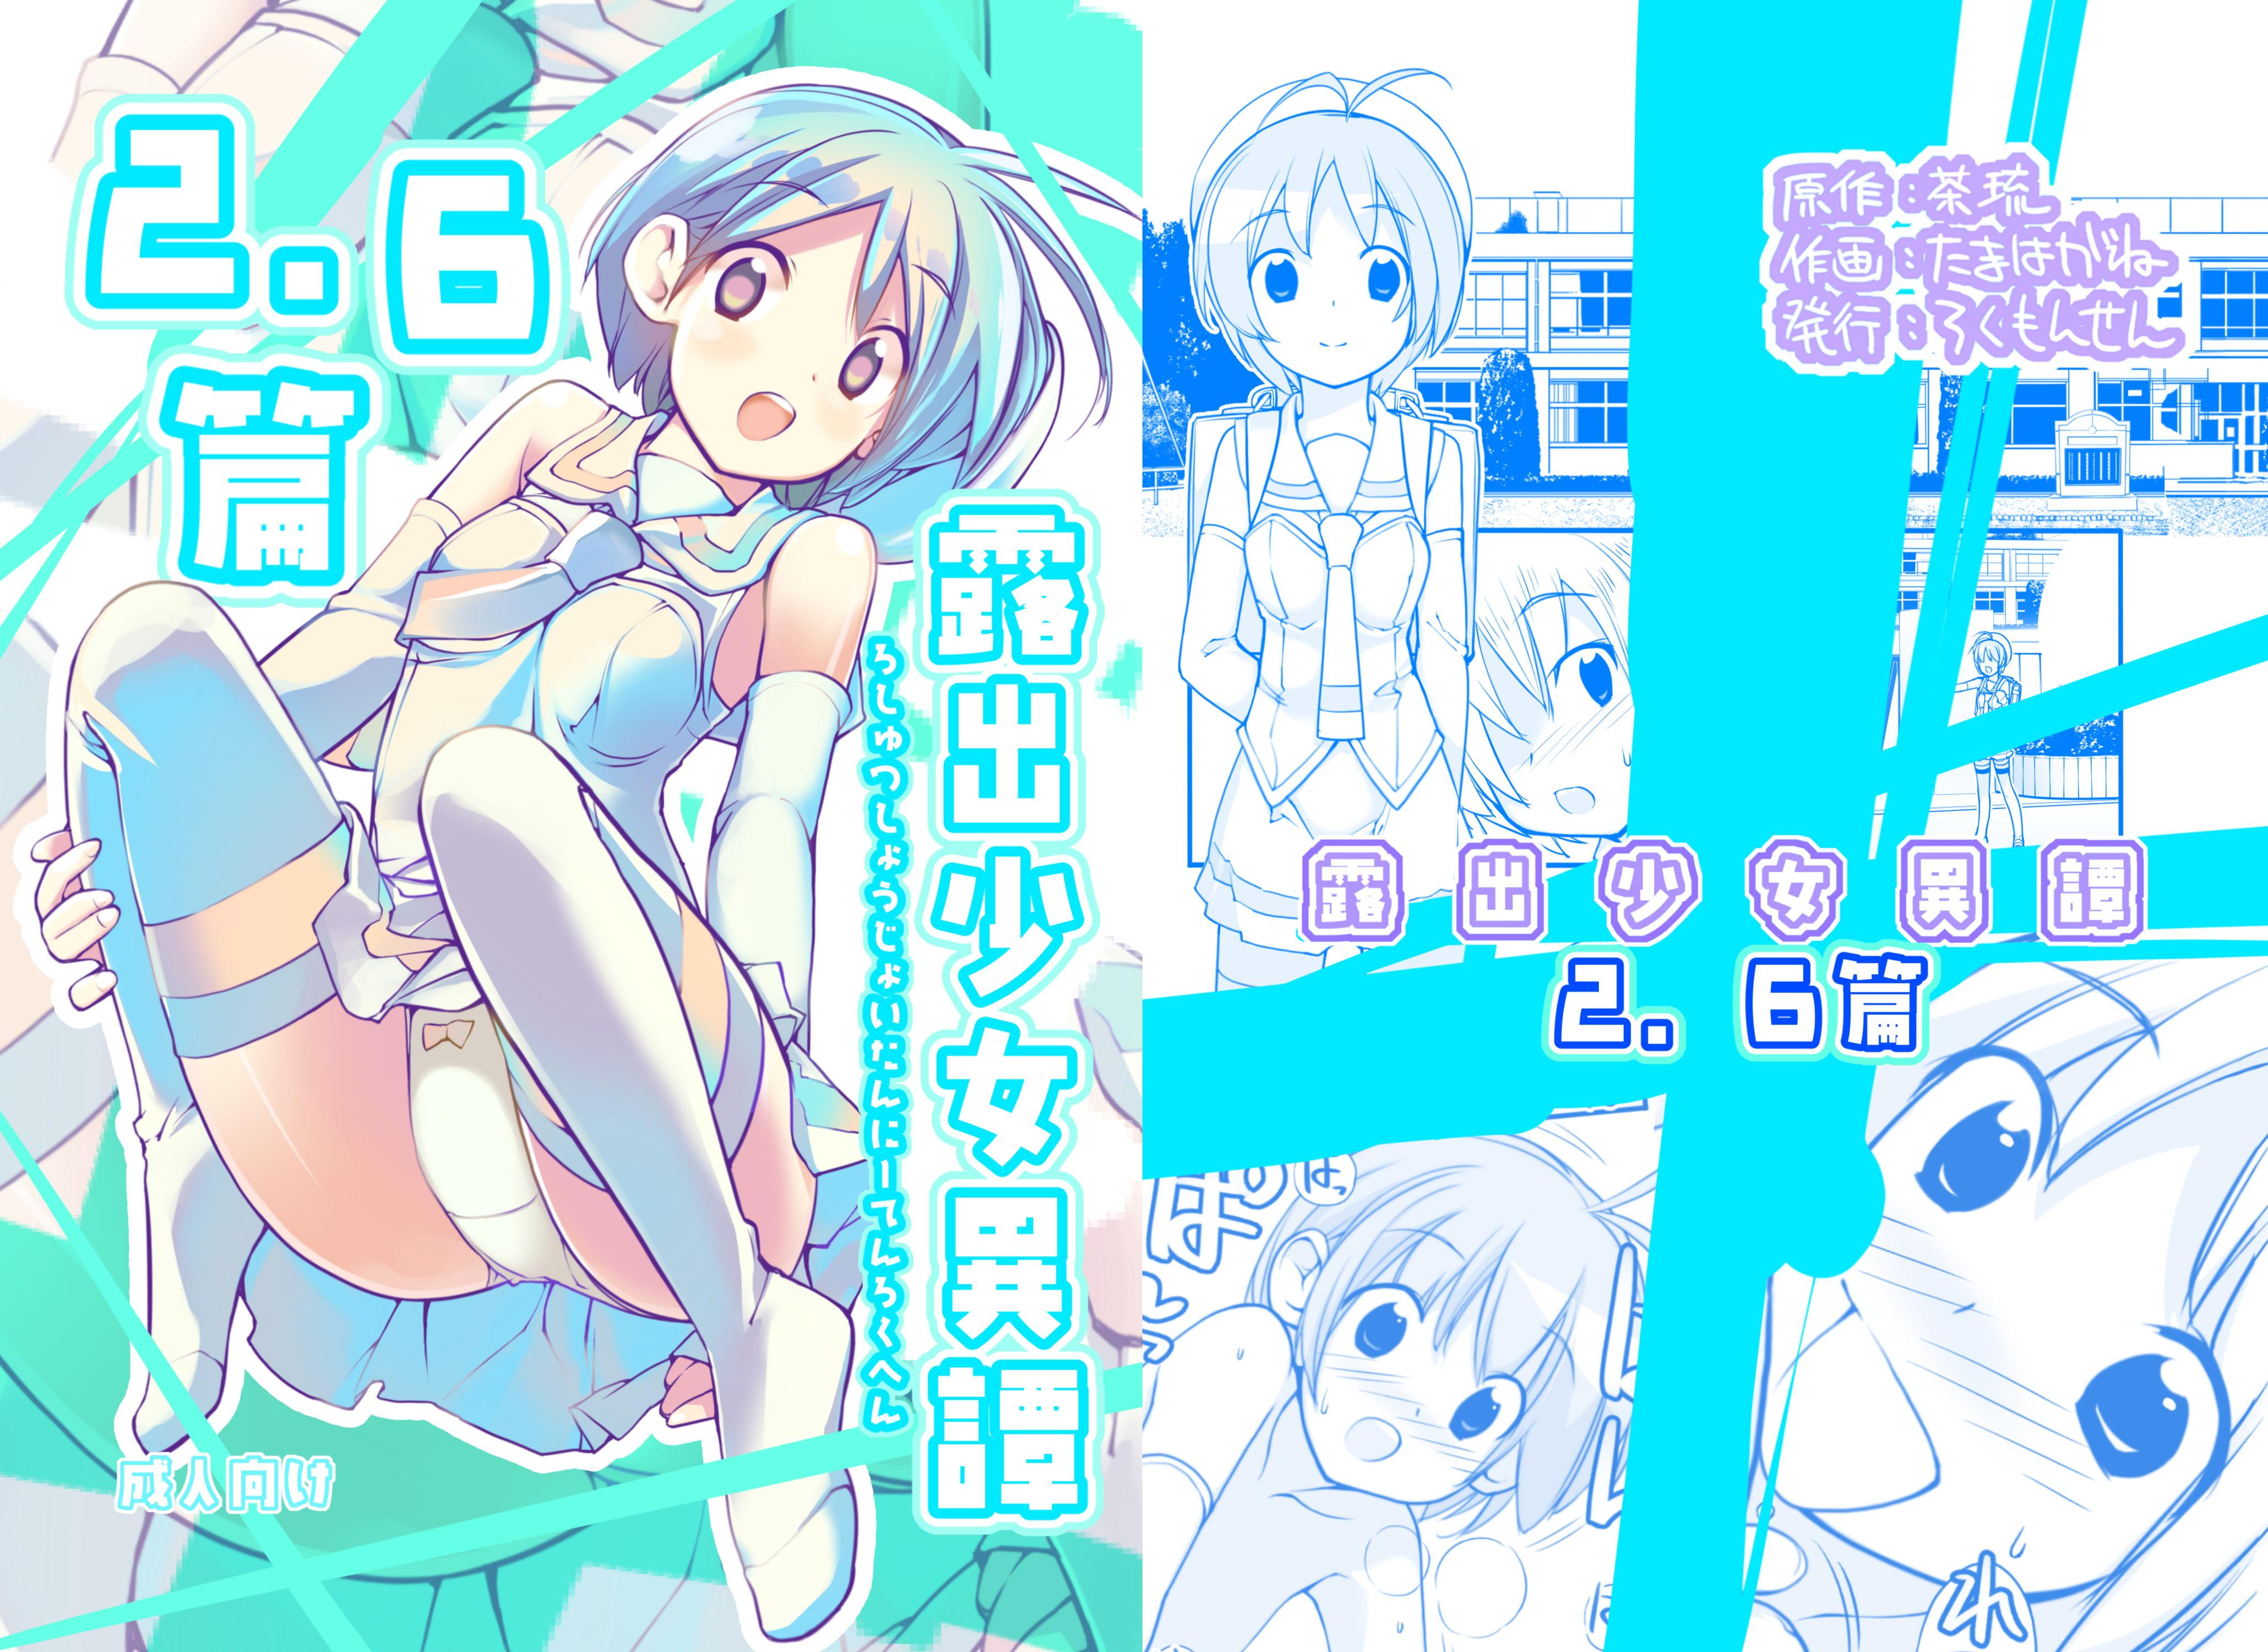 【エロ漫画・エロ同人】好きな女の子とうちで一緒に宿題してたらオマンコ見せてくれたからそのままセックスしちゃった☆ (34)